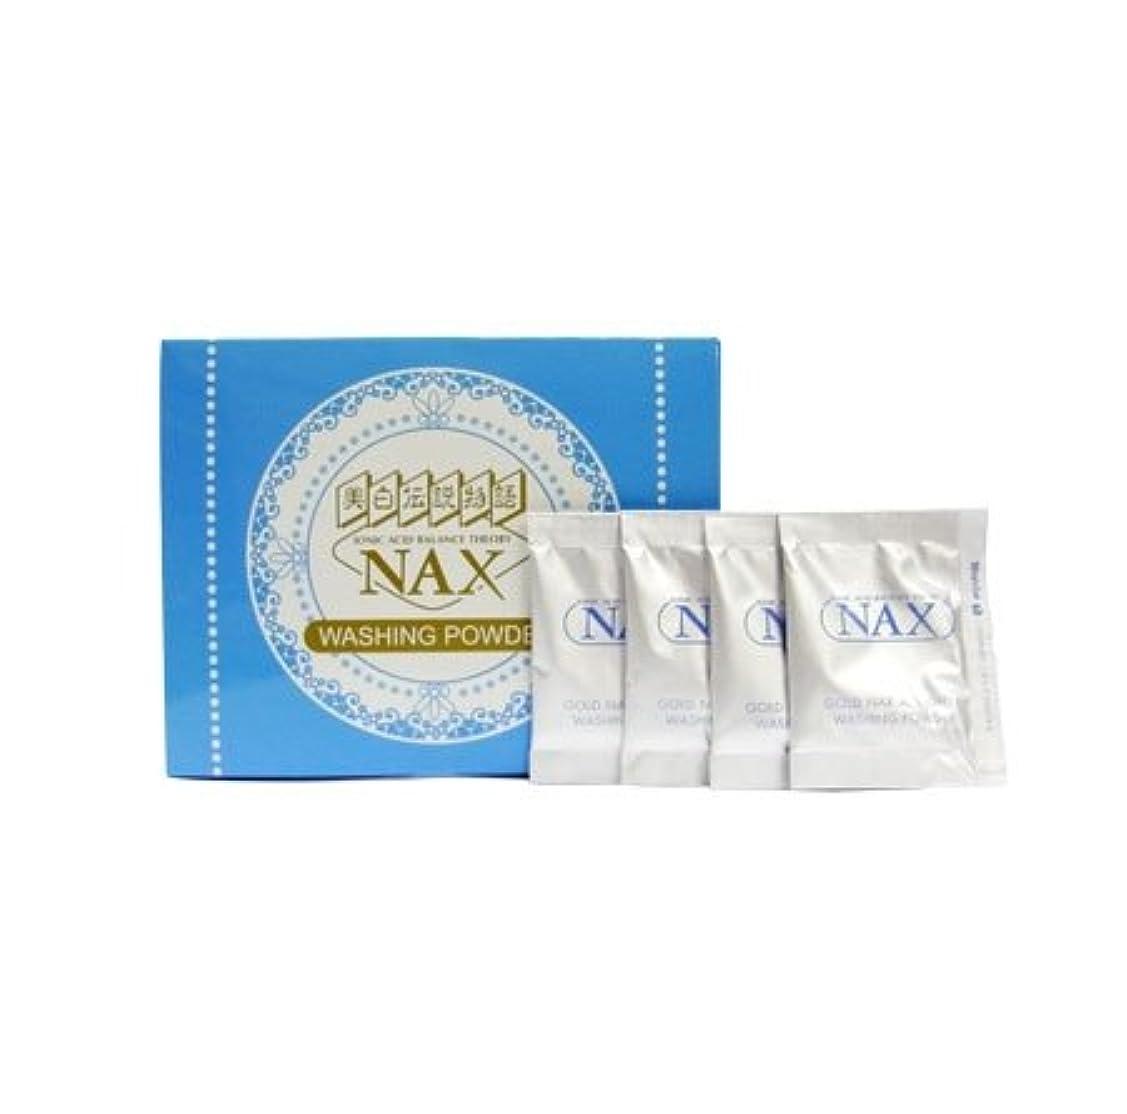 物思いにふける南アメリカ断言する洗顔パウダー ウォッシングパウダー 洗顔 弱酸性 酵素洗顔料 敏感肌対応 (2箱)